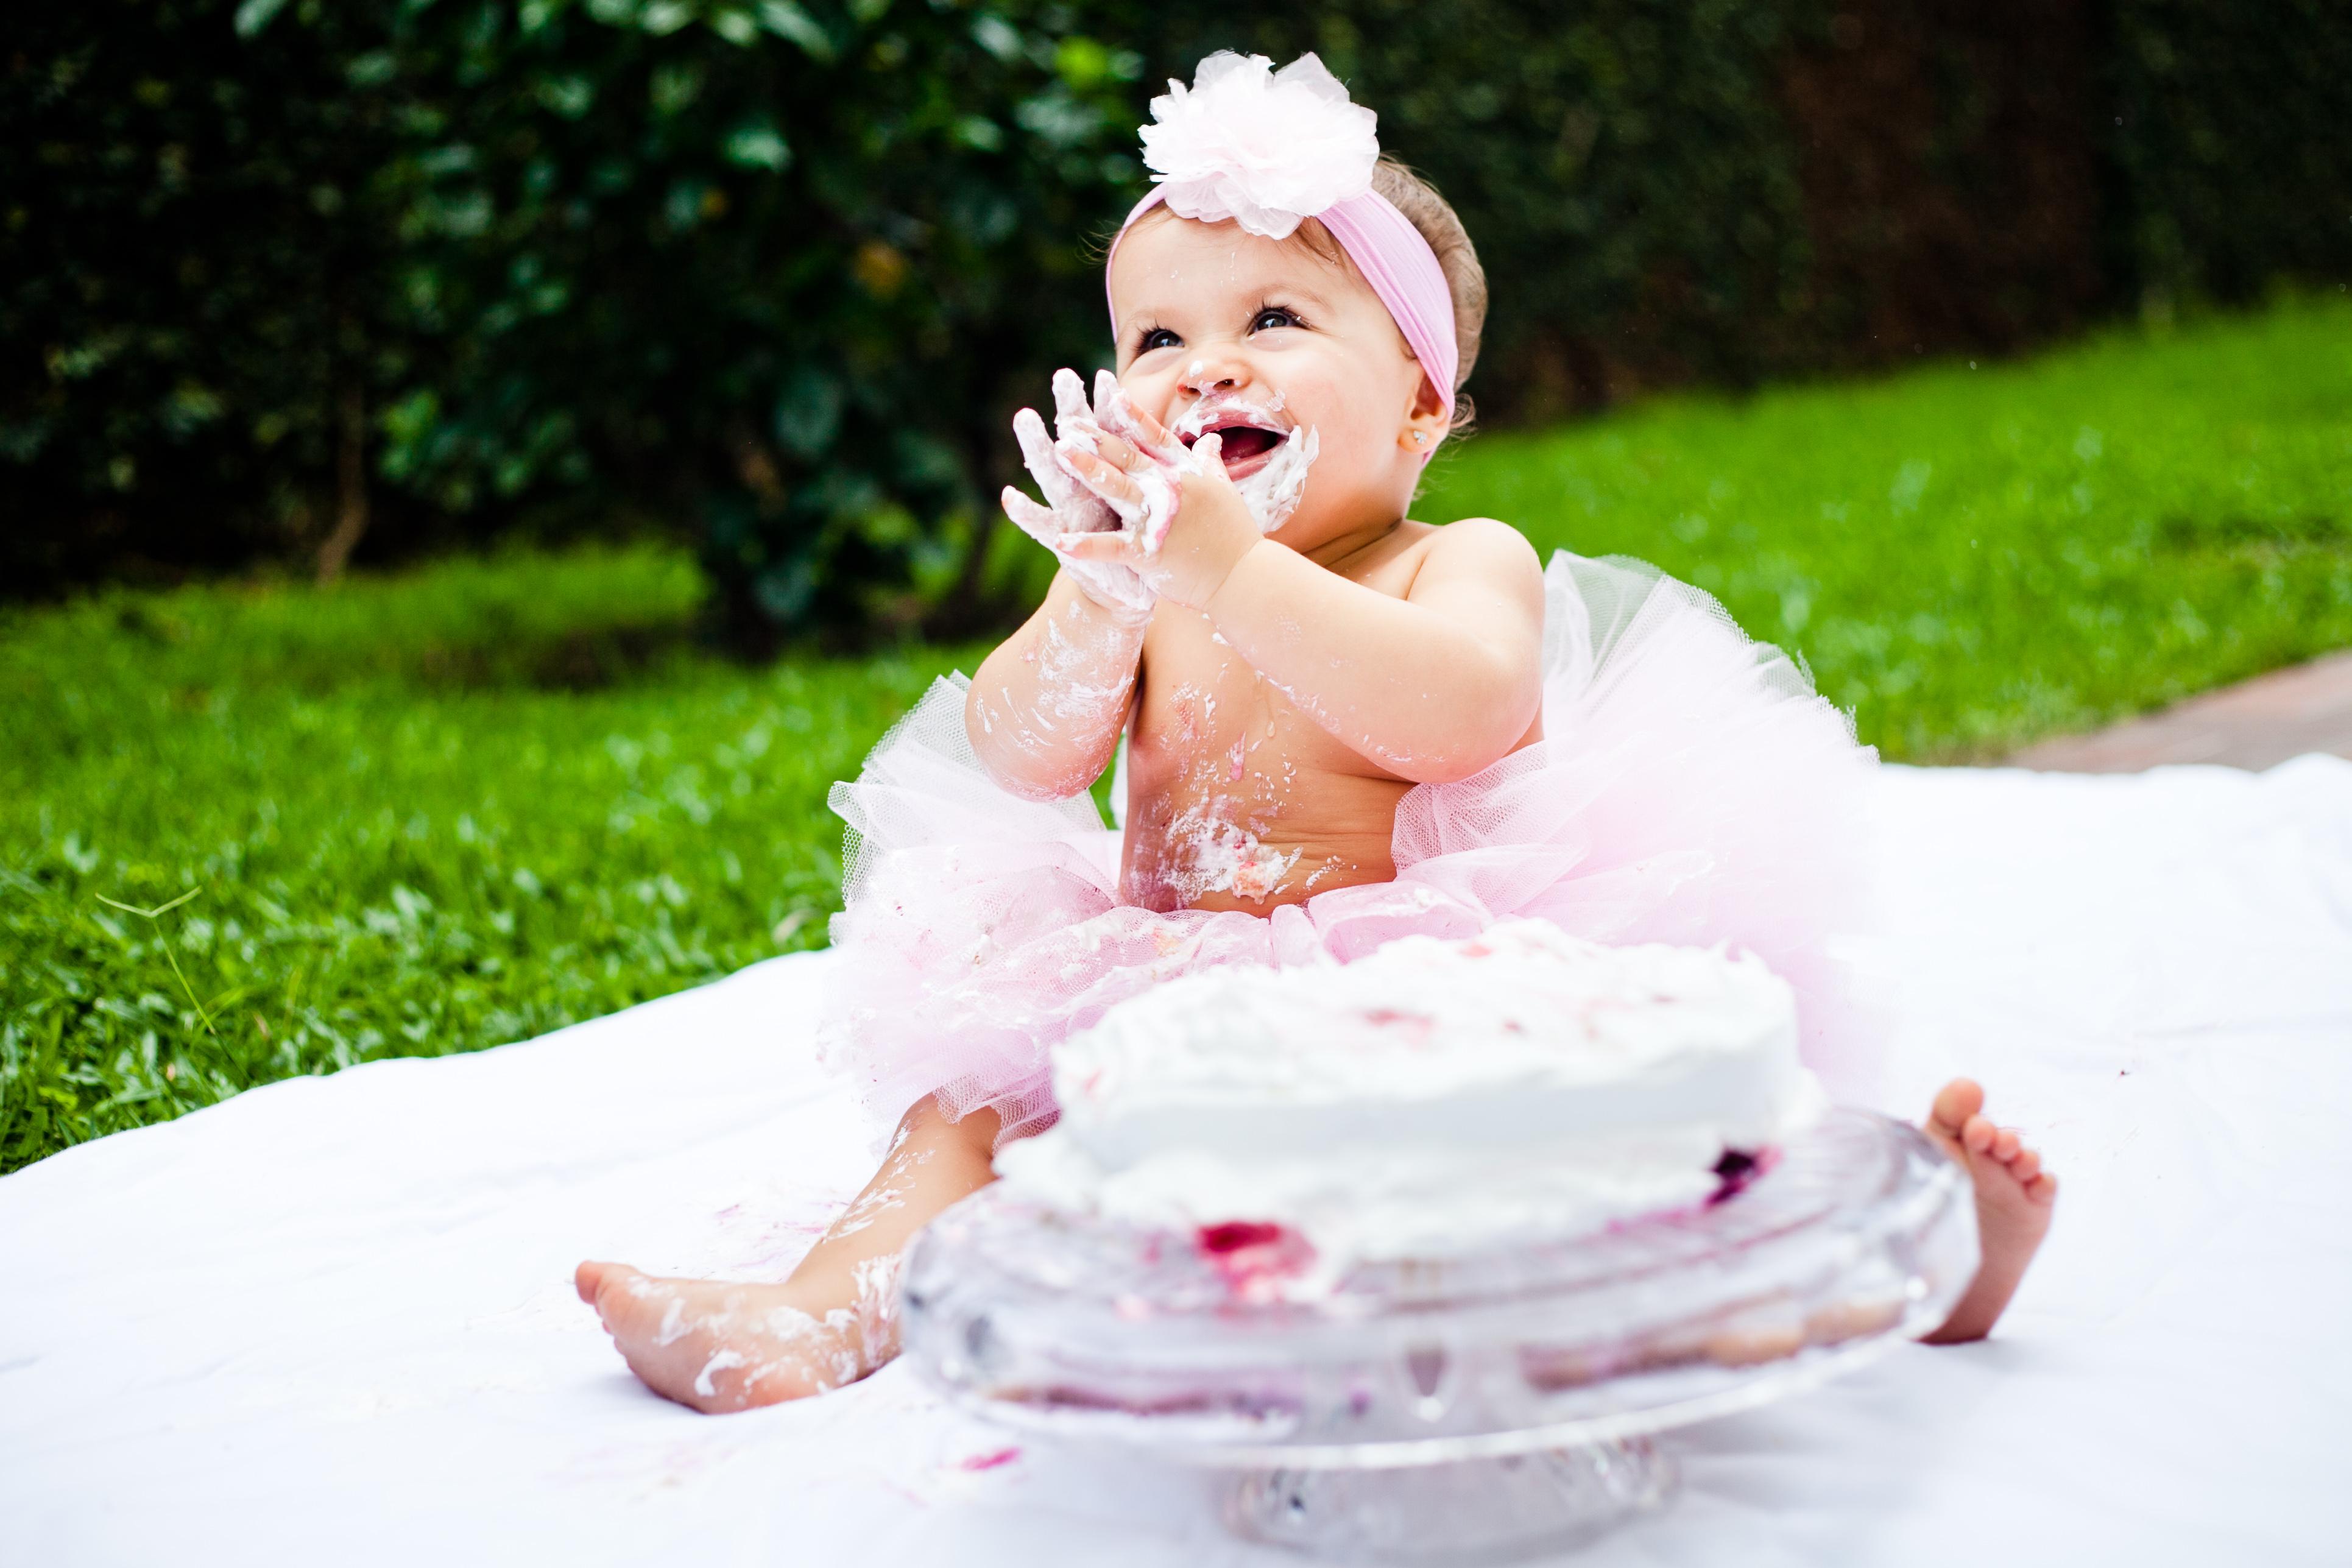 ritaruiz-fotografia-smash-cake